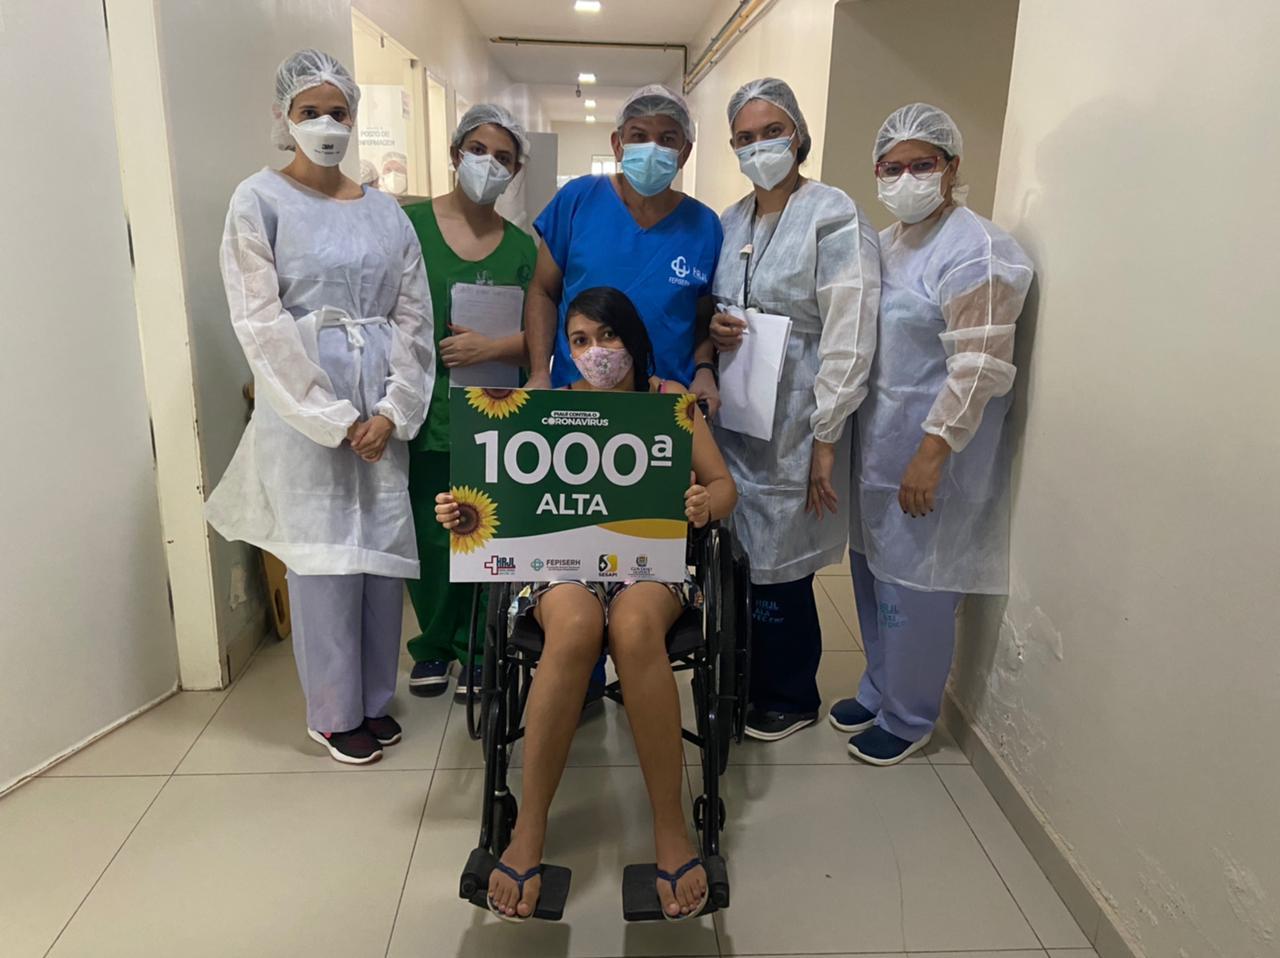 Íris Moura, de 27 aos, foi a alta de número 1.000 do Hospital Justino Luz